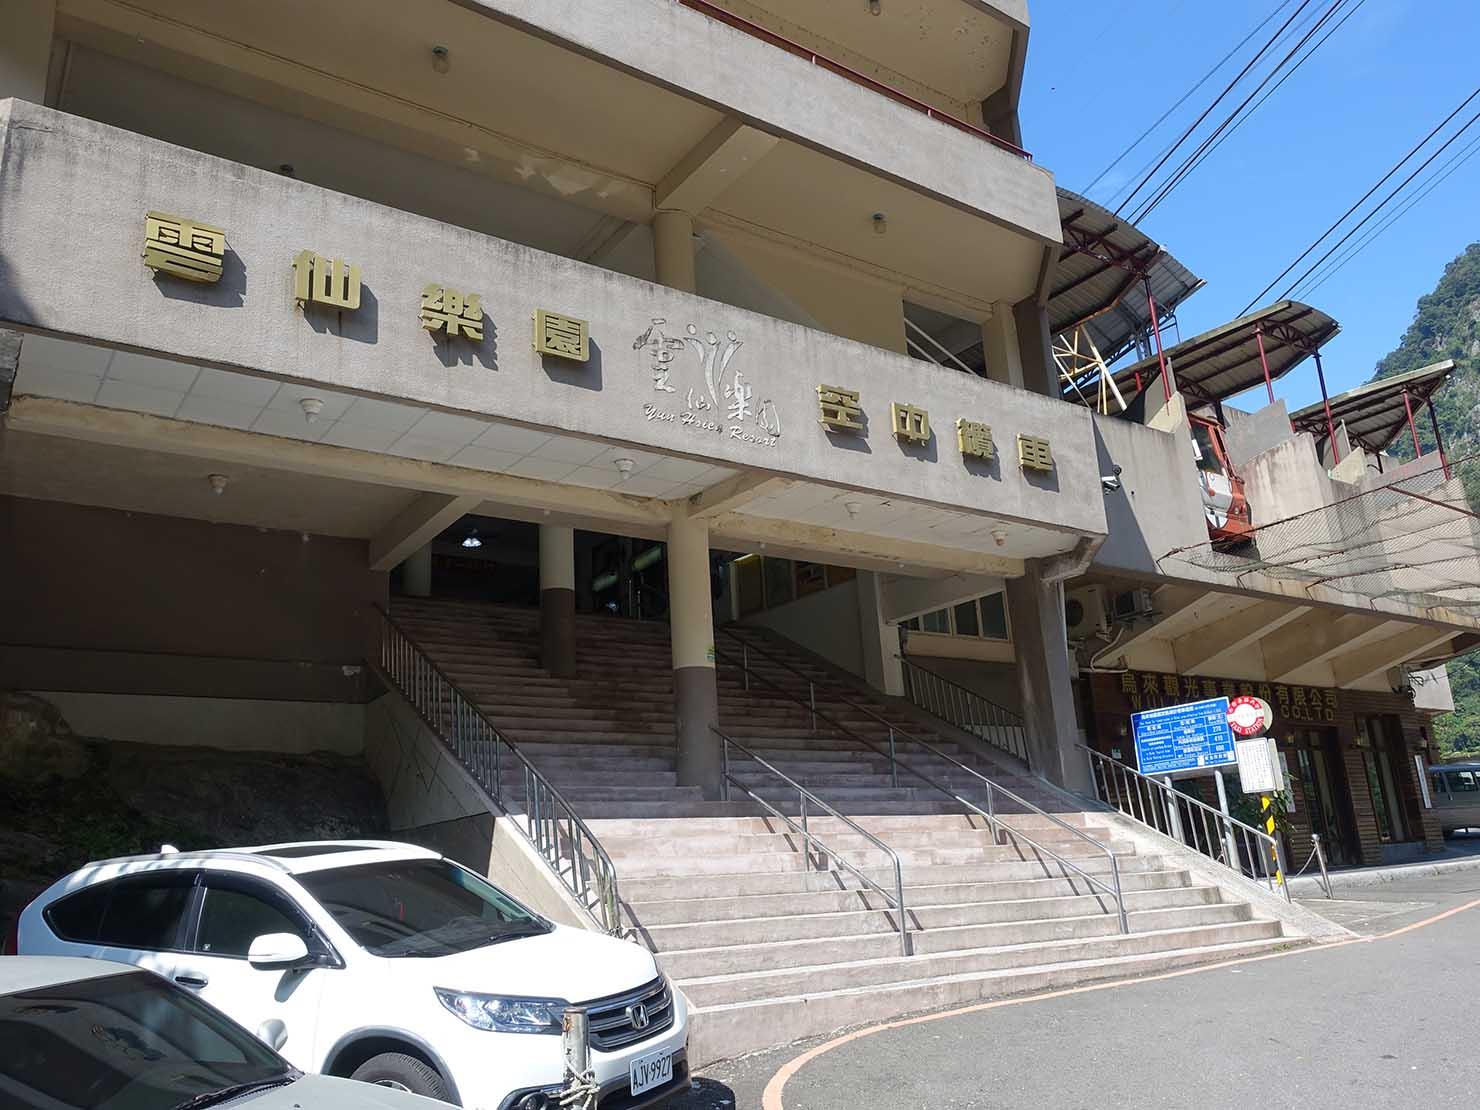 台北・烏來温泉から行けるテーマパーク「雲仙樂園」のロープウェー乗り場